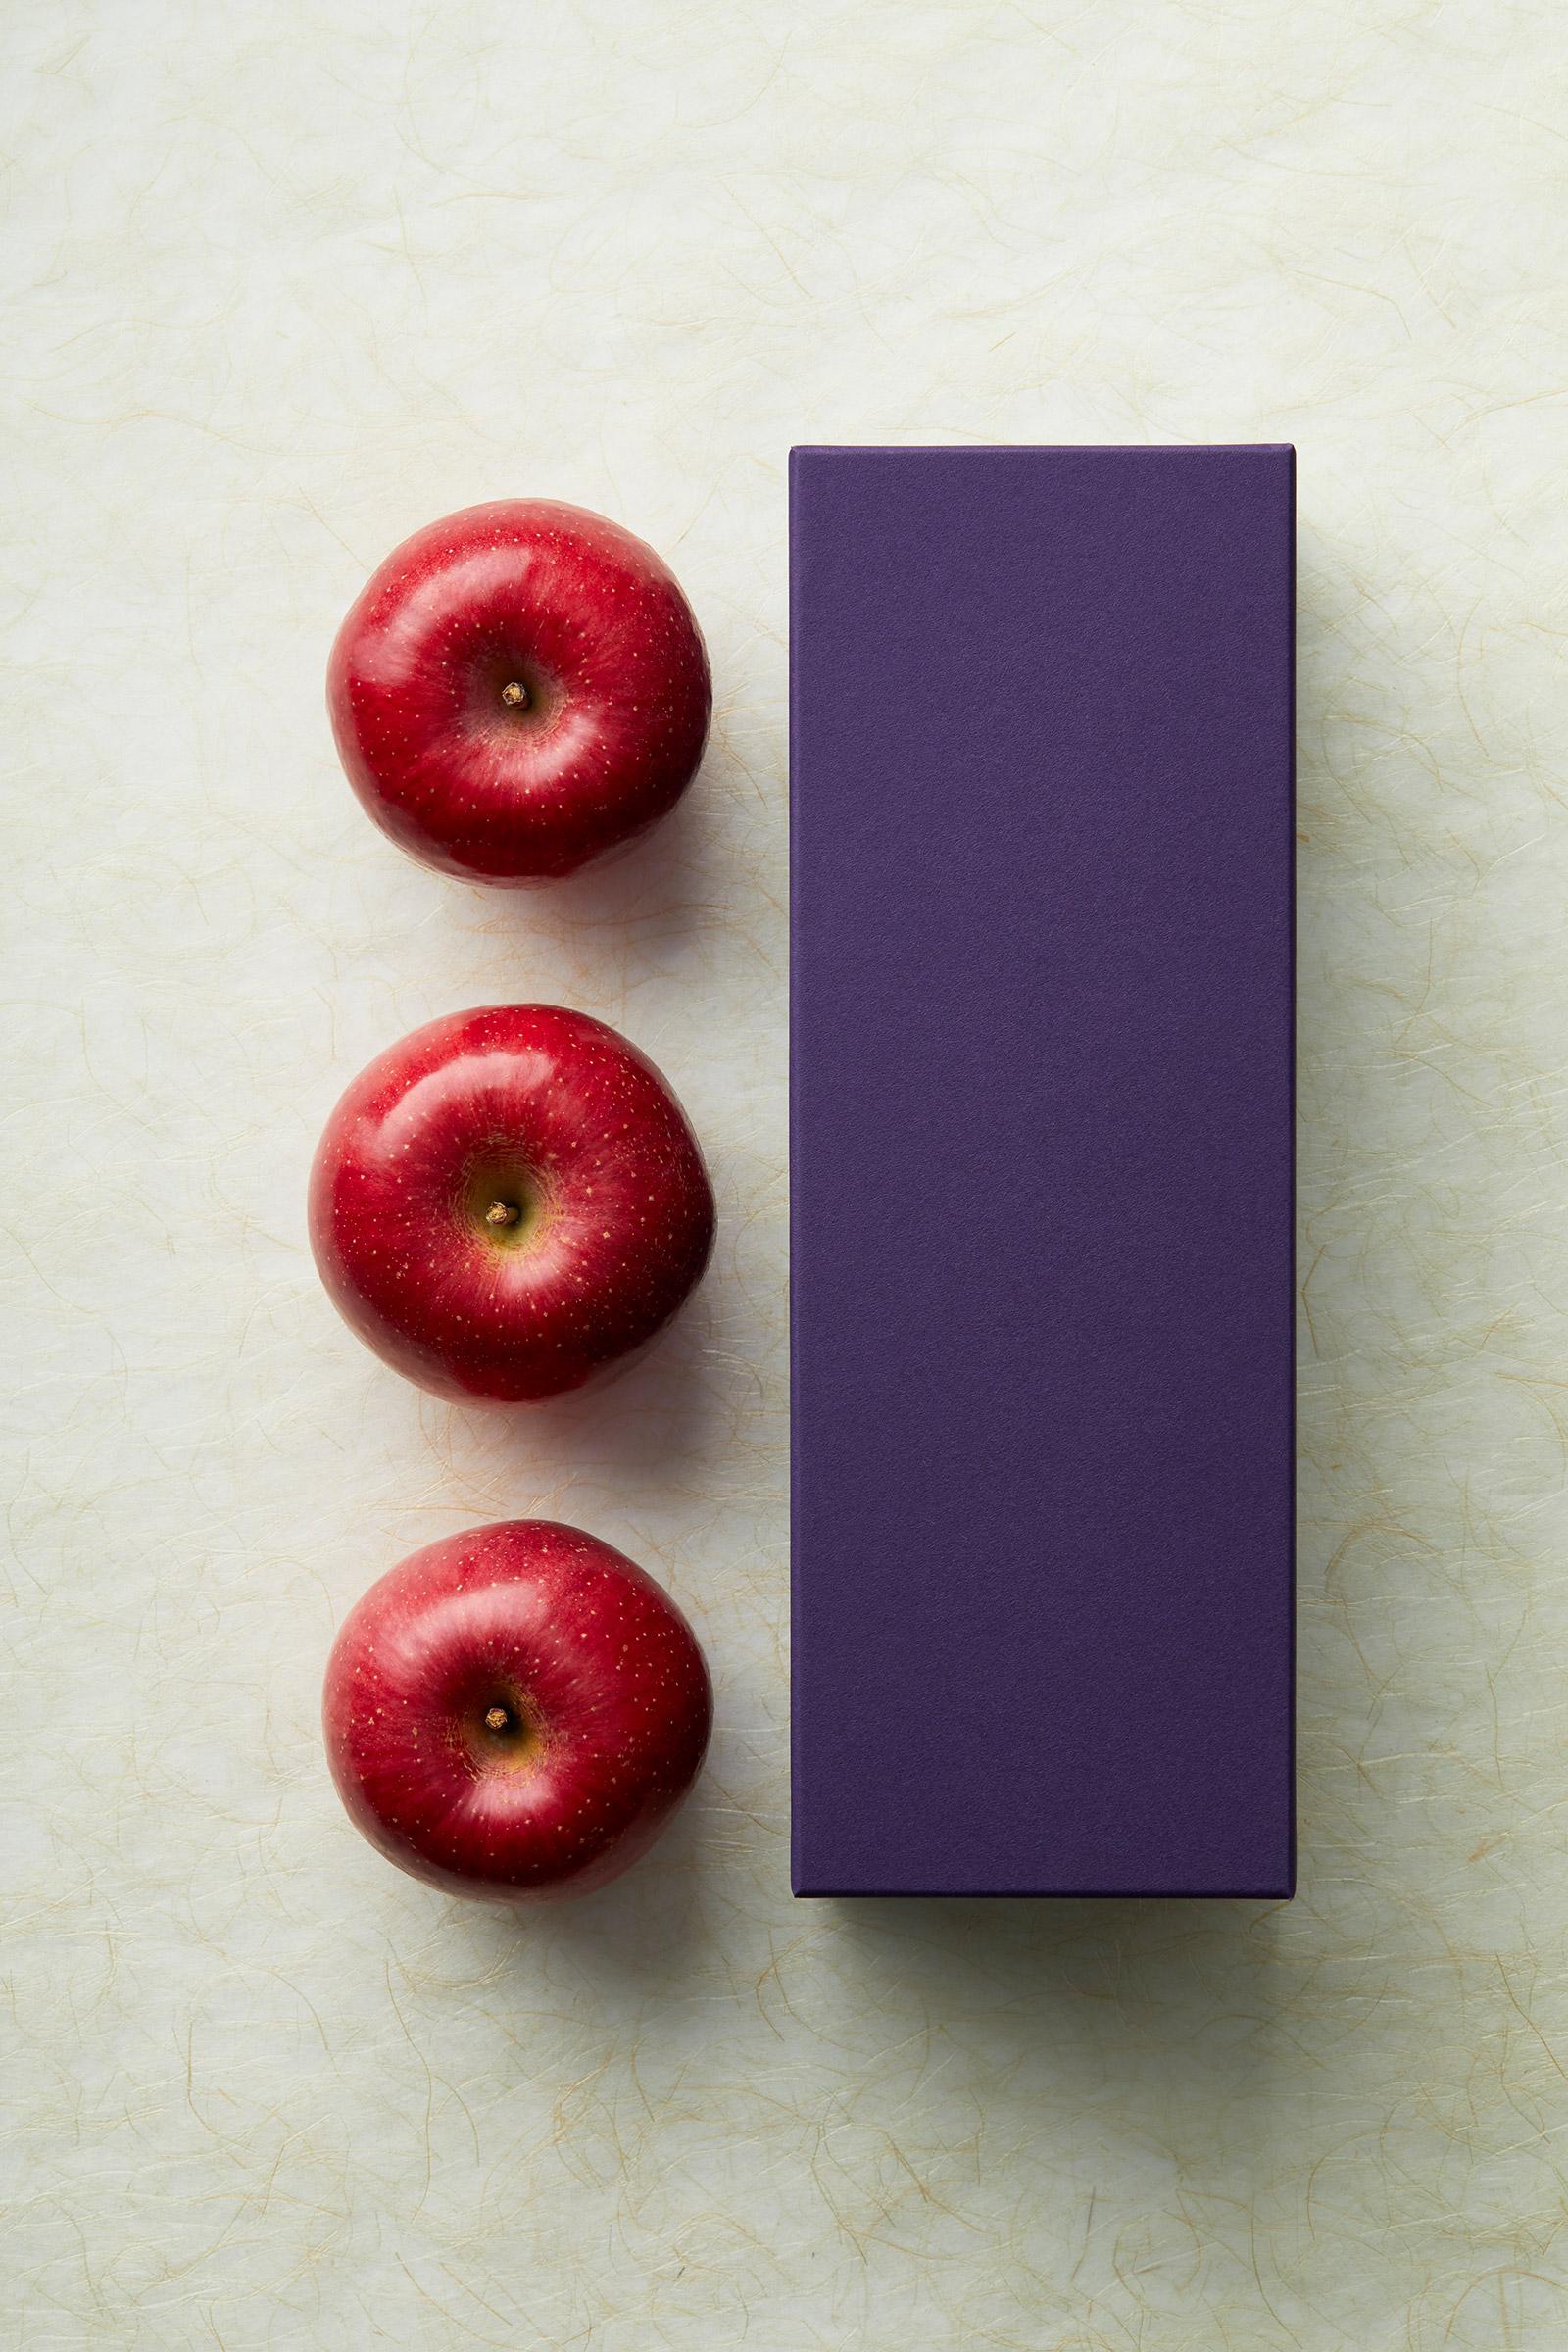 株式会社food-story-japan 商品プロデュース パッケージと林檎